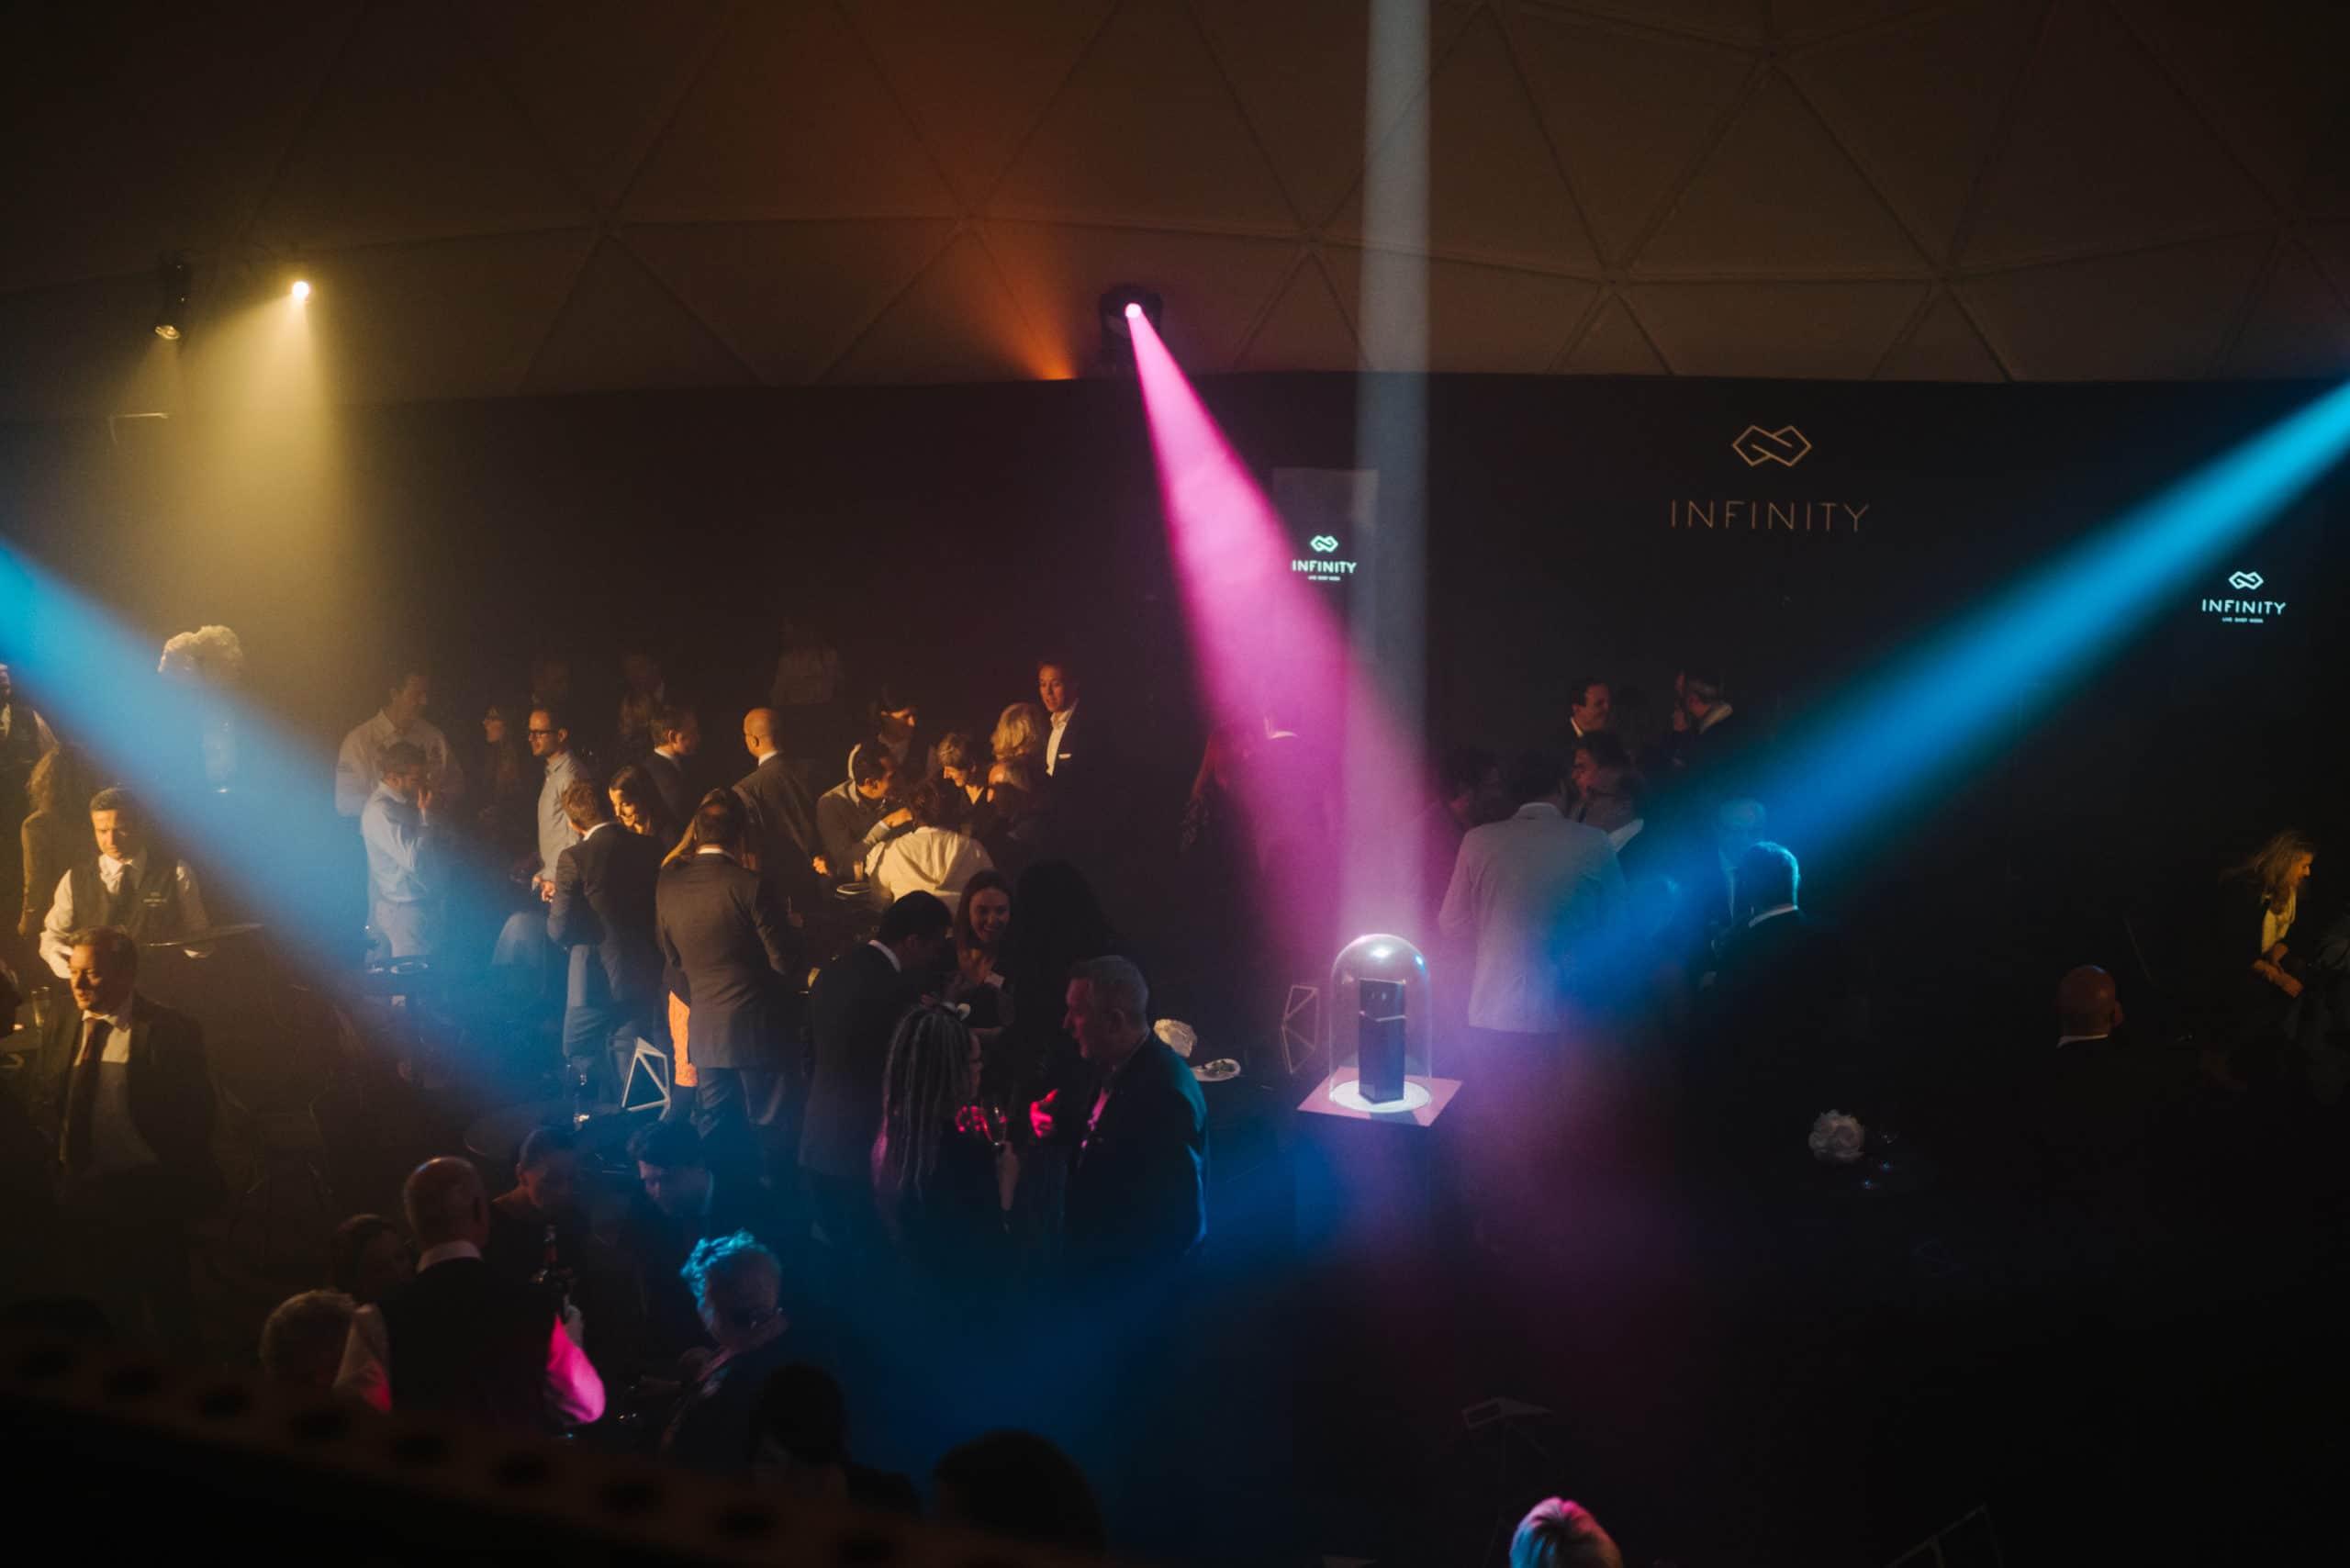 Shine a light agence évènementielle luxembourg - créateur d'expériences immersives - Pose de la première Pierre Infinity